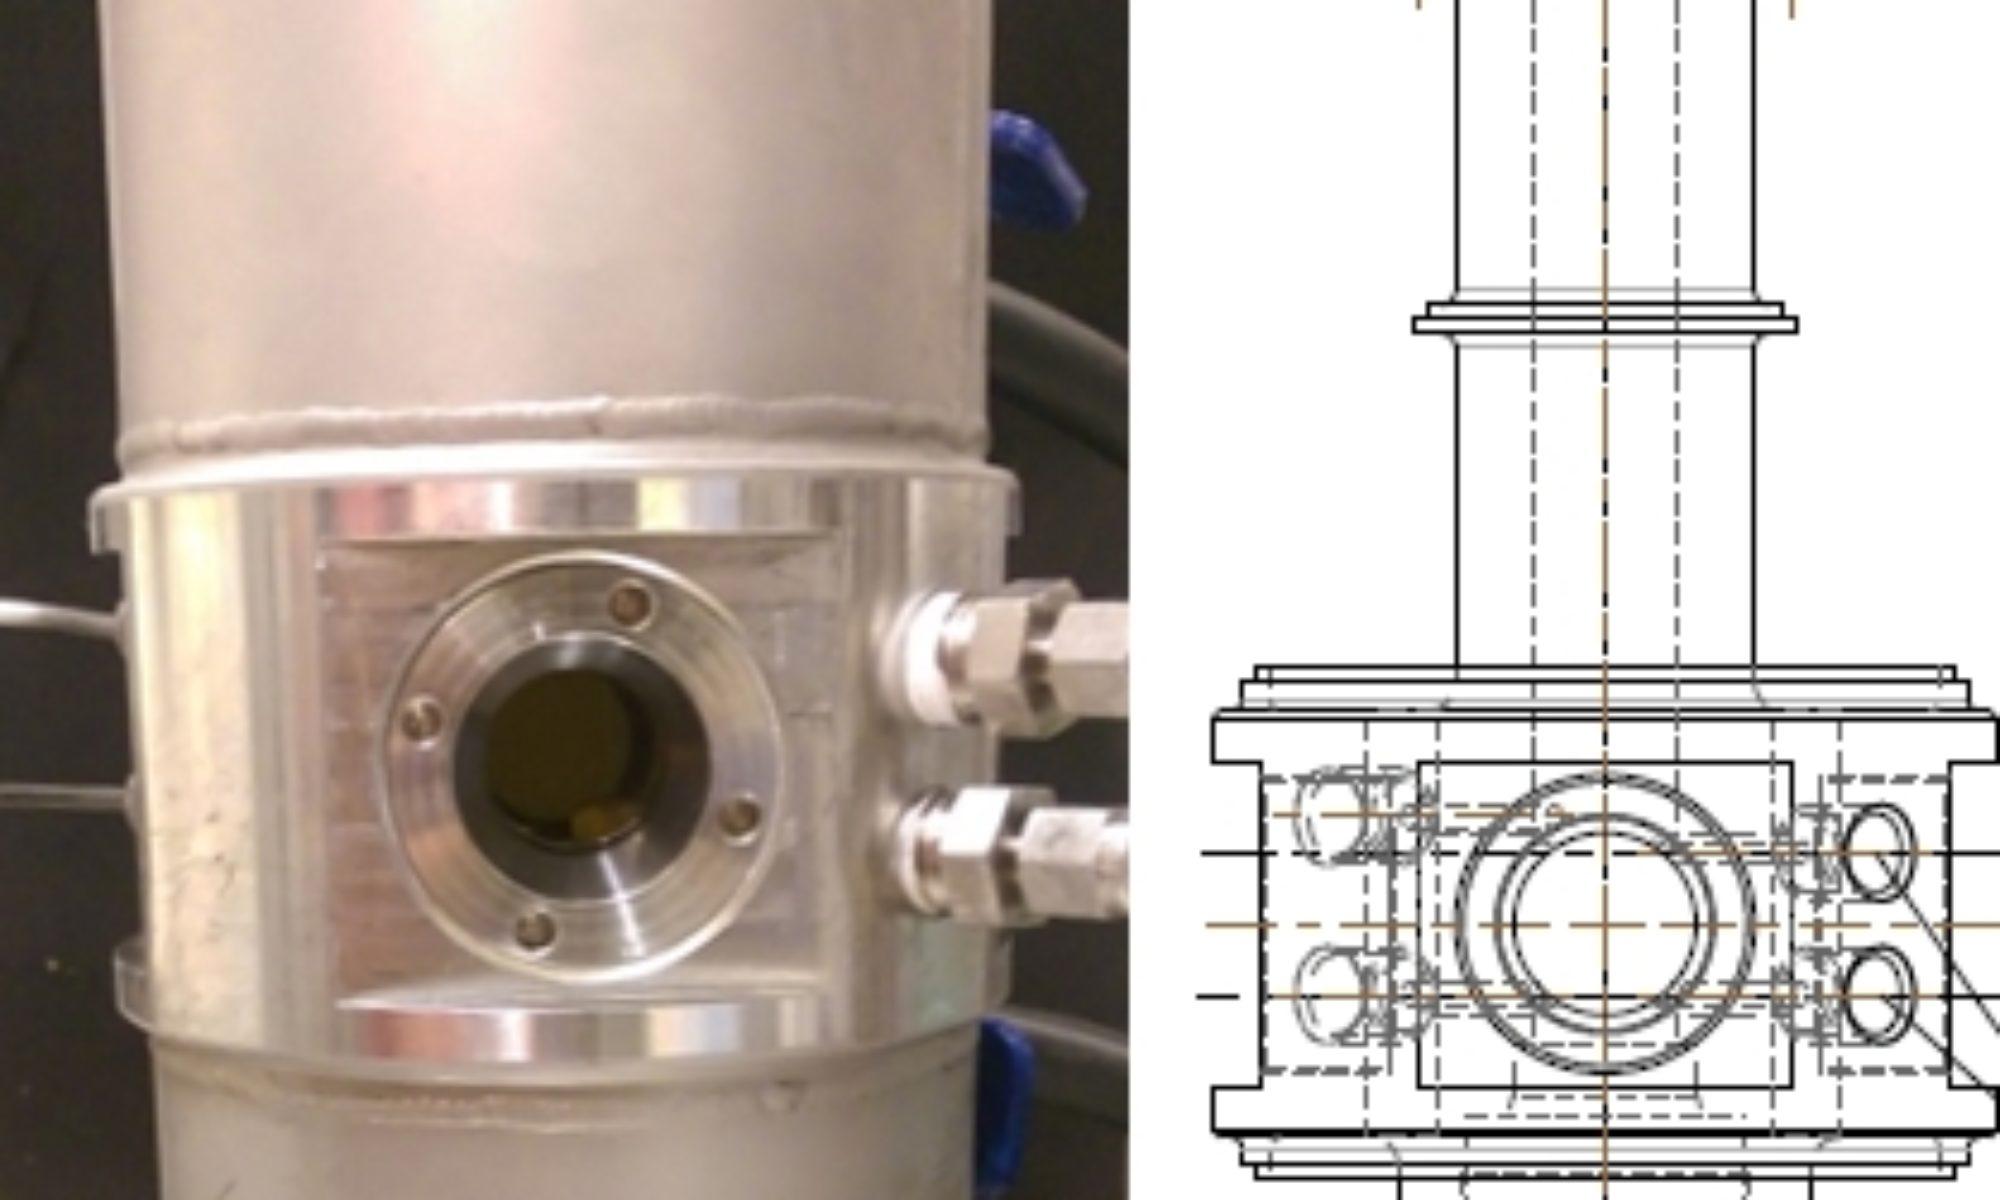 Braeuer Engineering